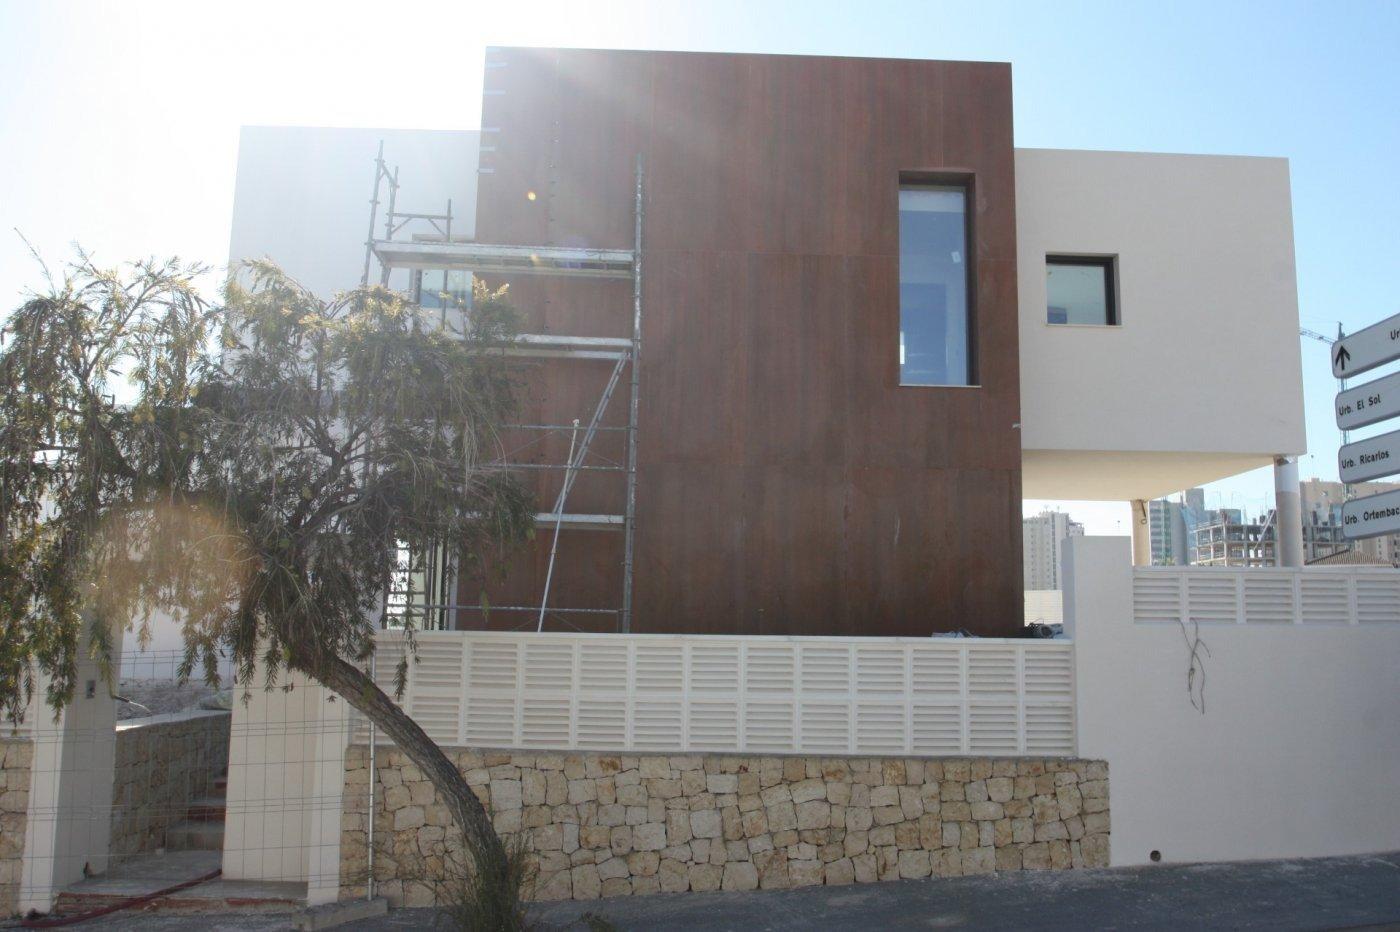 Villa de obra nueva de estilo moderno en venta en calpe a 600 m de la playa - imagenInmueble13